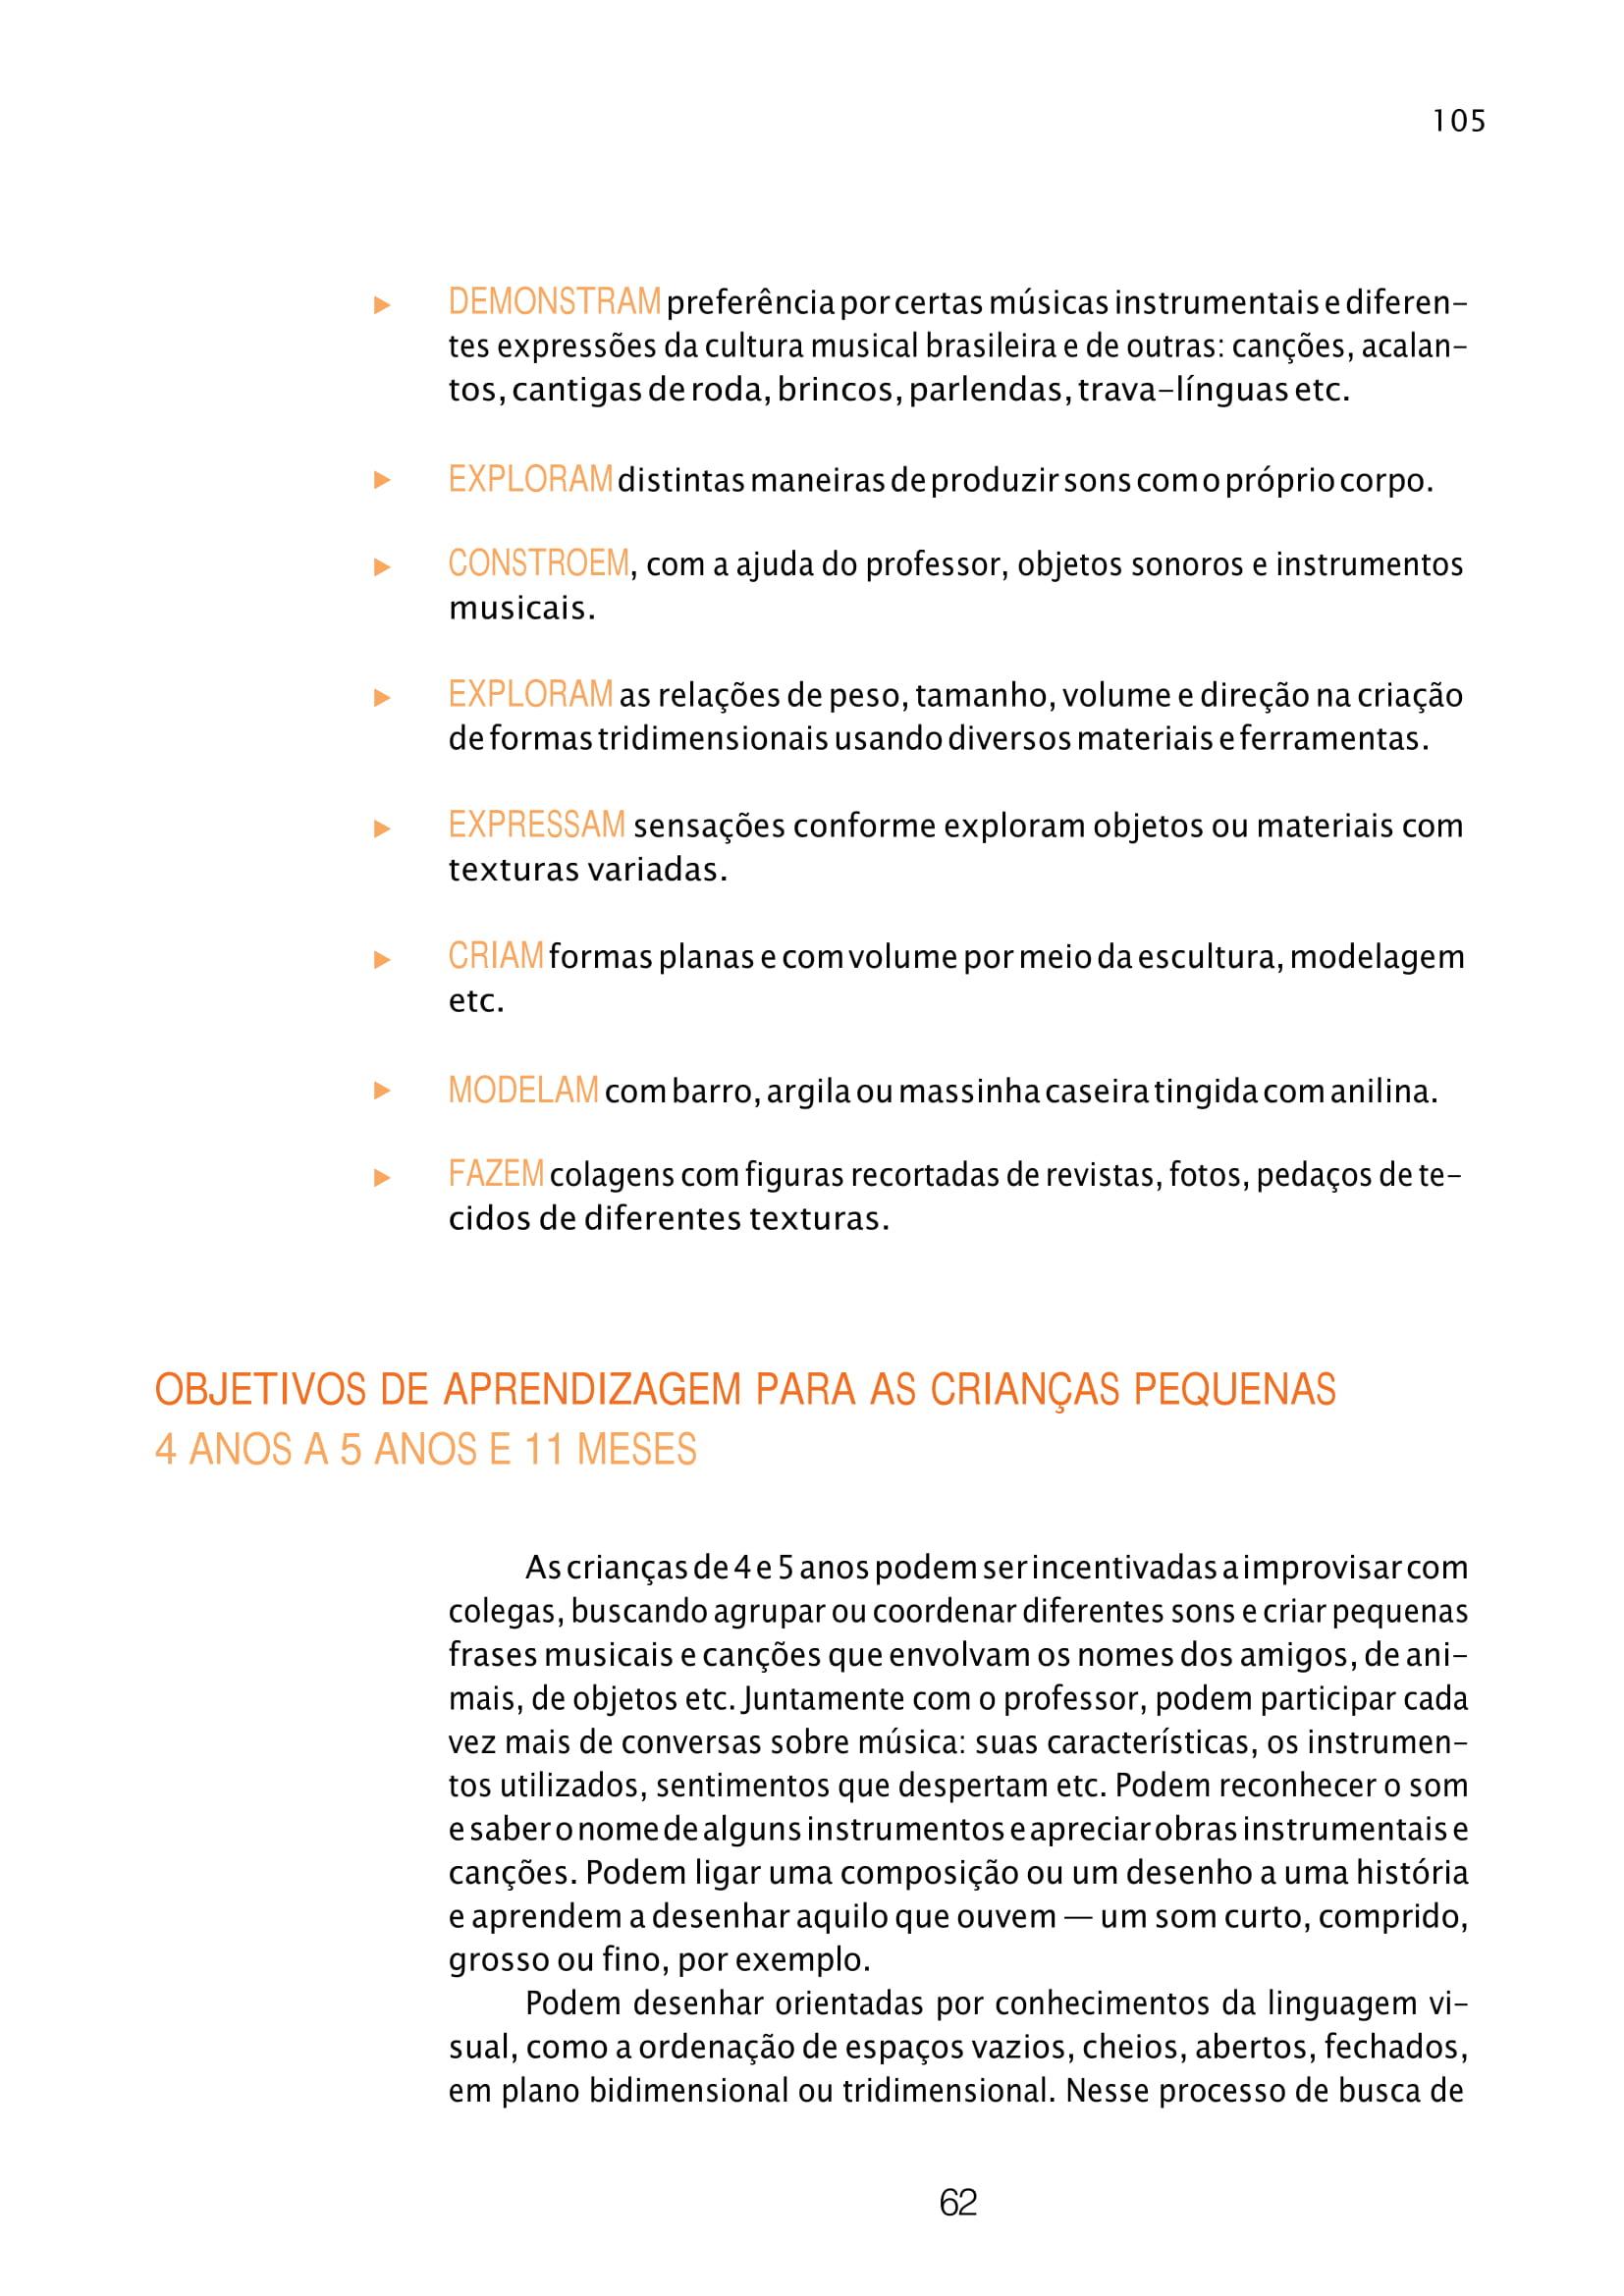 planejamento-educação-infantil-bncc-geral-135